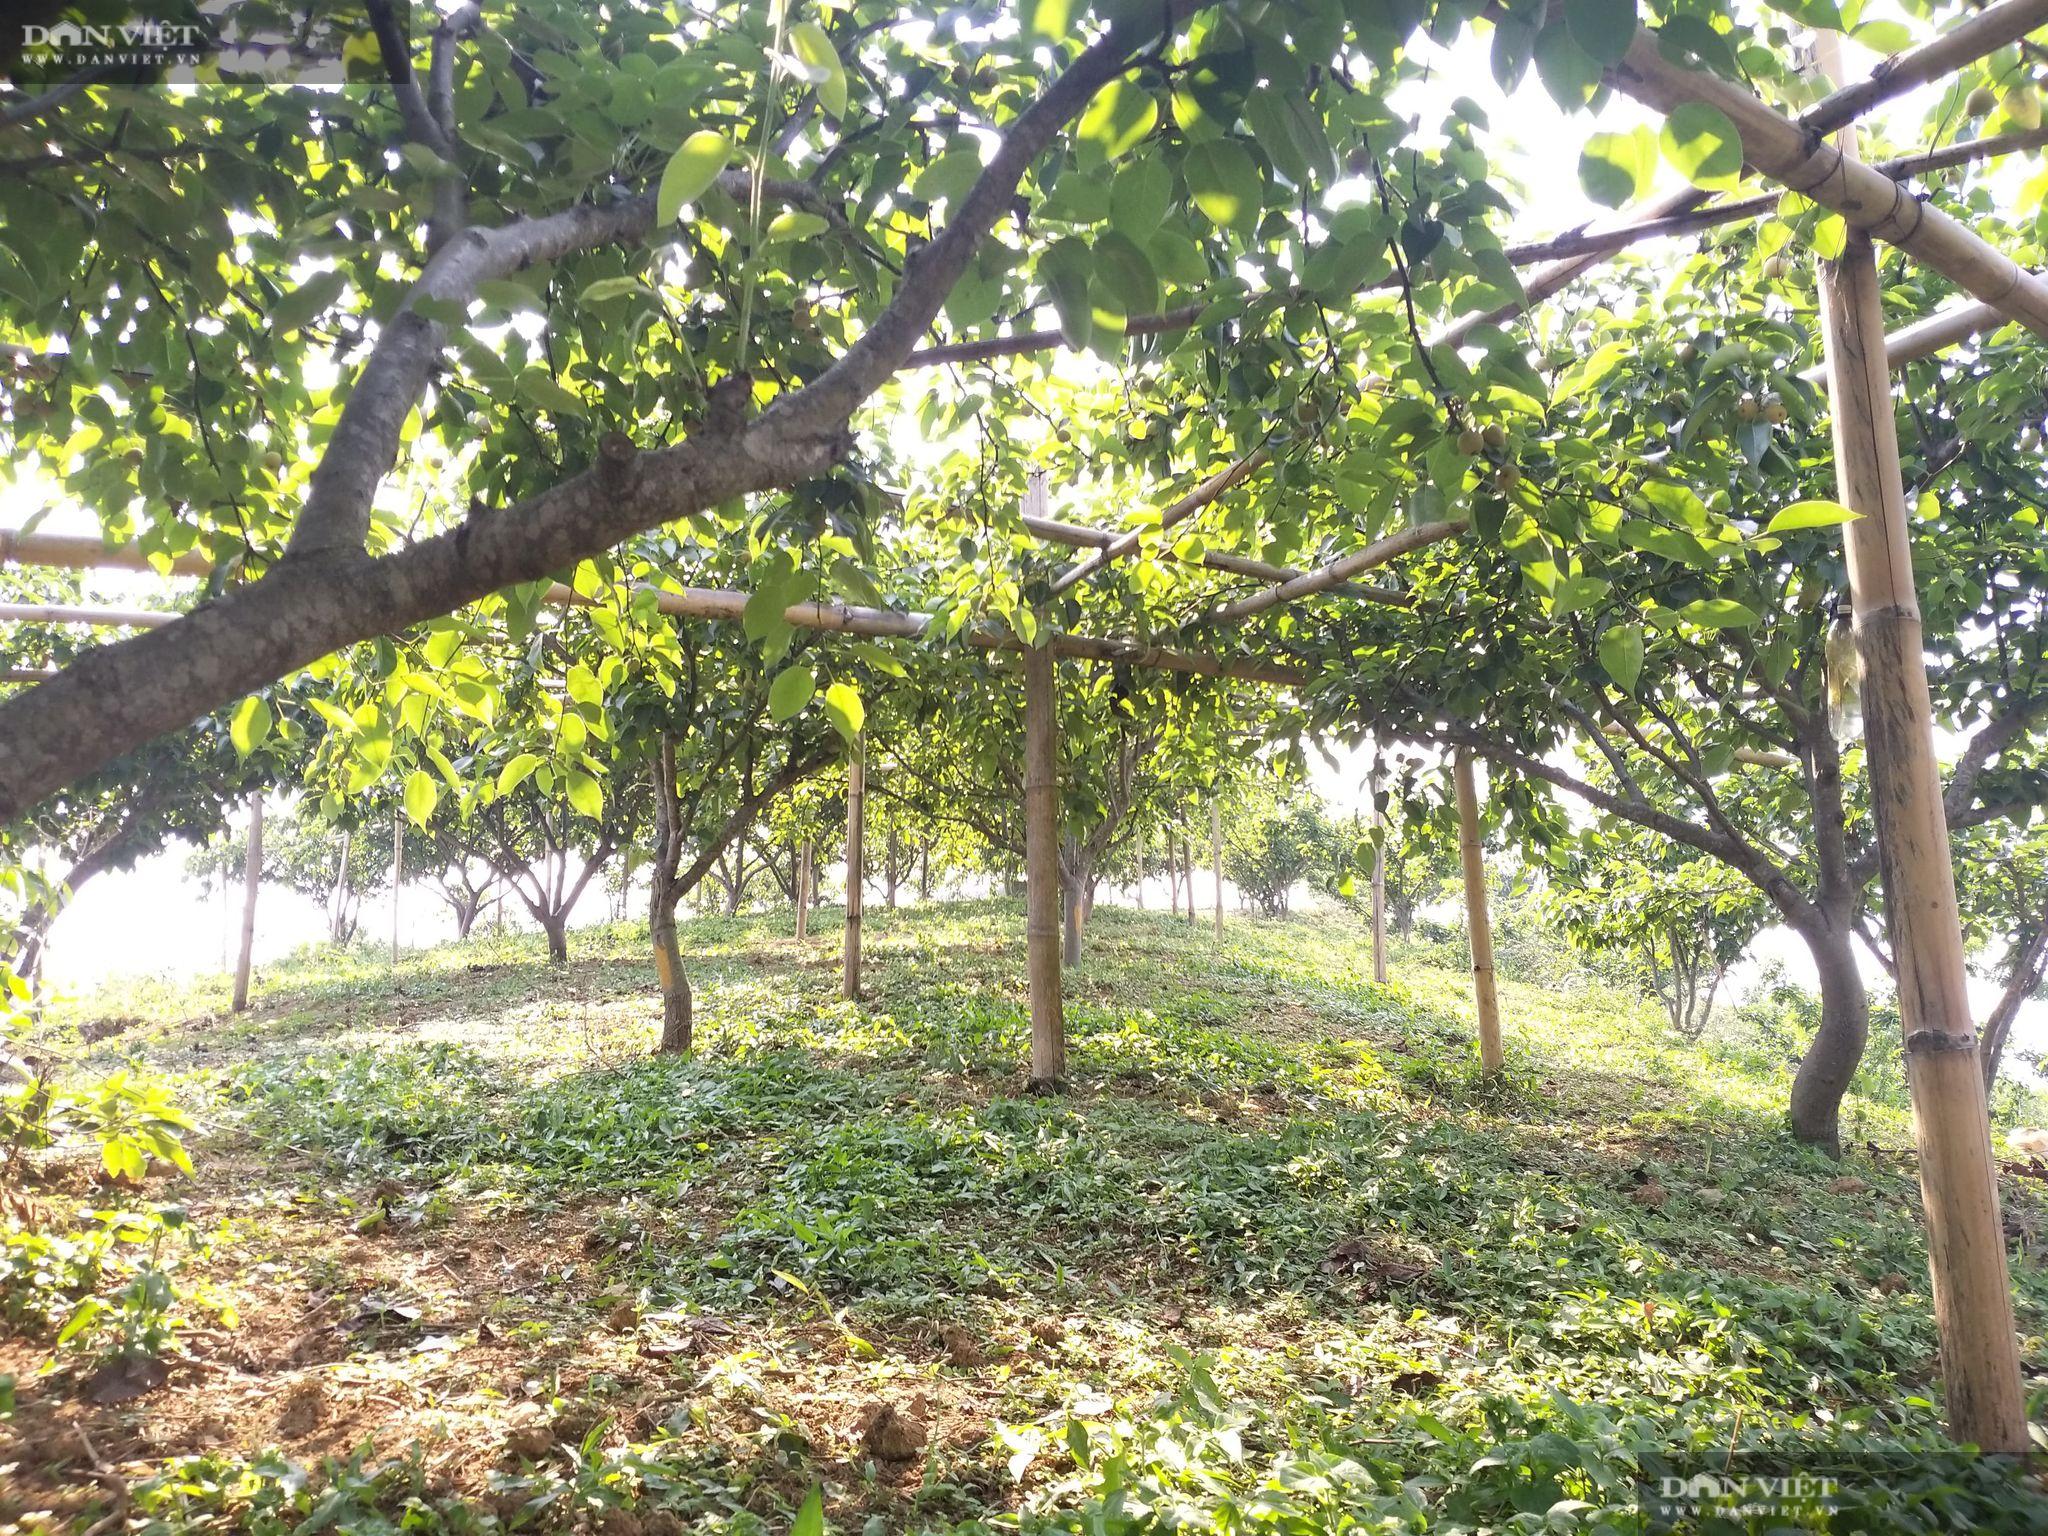 Lai Châu: Nhiều nông dân ở huyện nghèo vùng cao bỗng chốc thành... triệu, tỷ phú nhờ trồng loại hoa, quả đặc sản này - Ảnh 2.